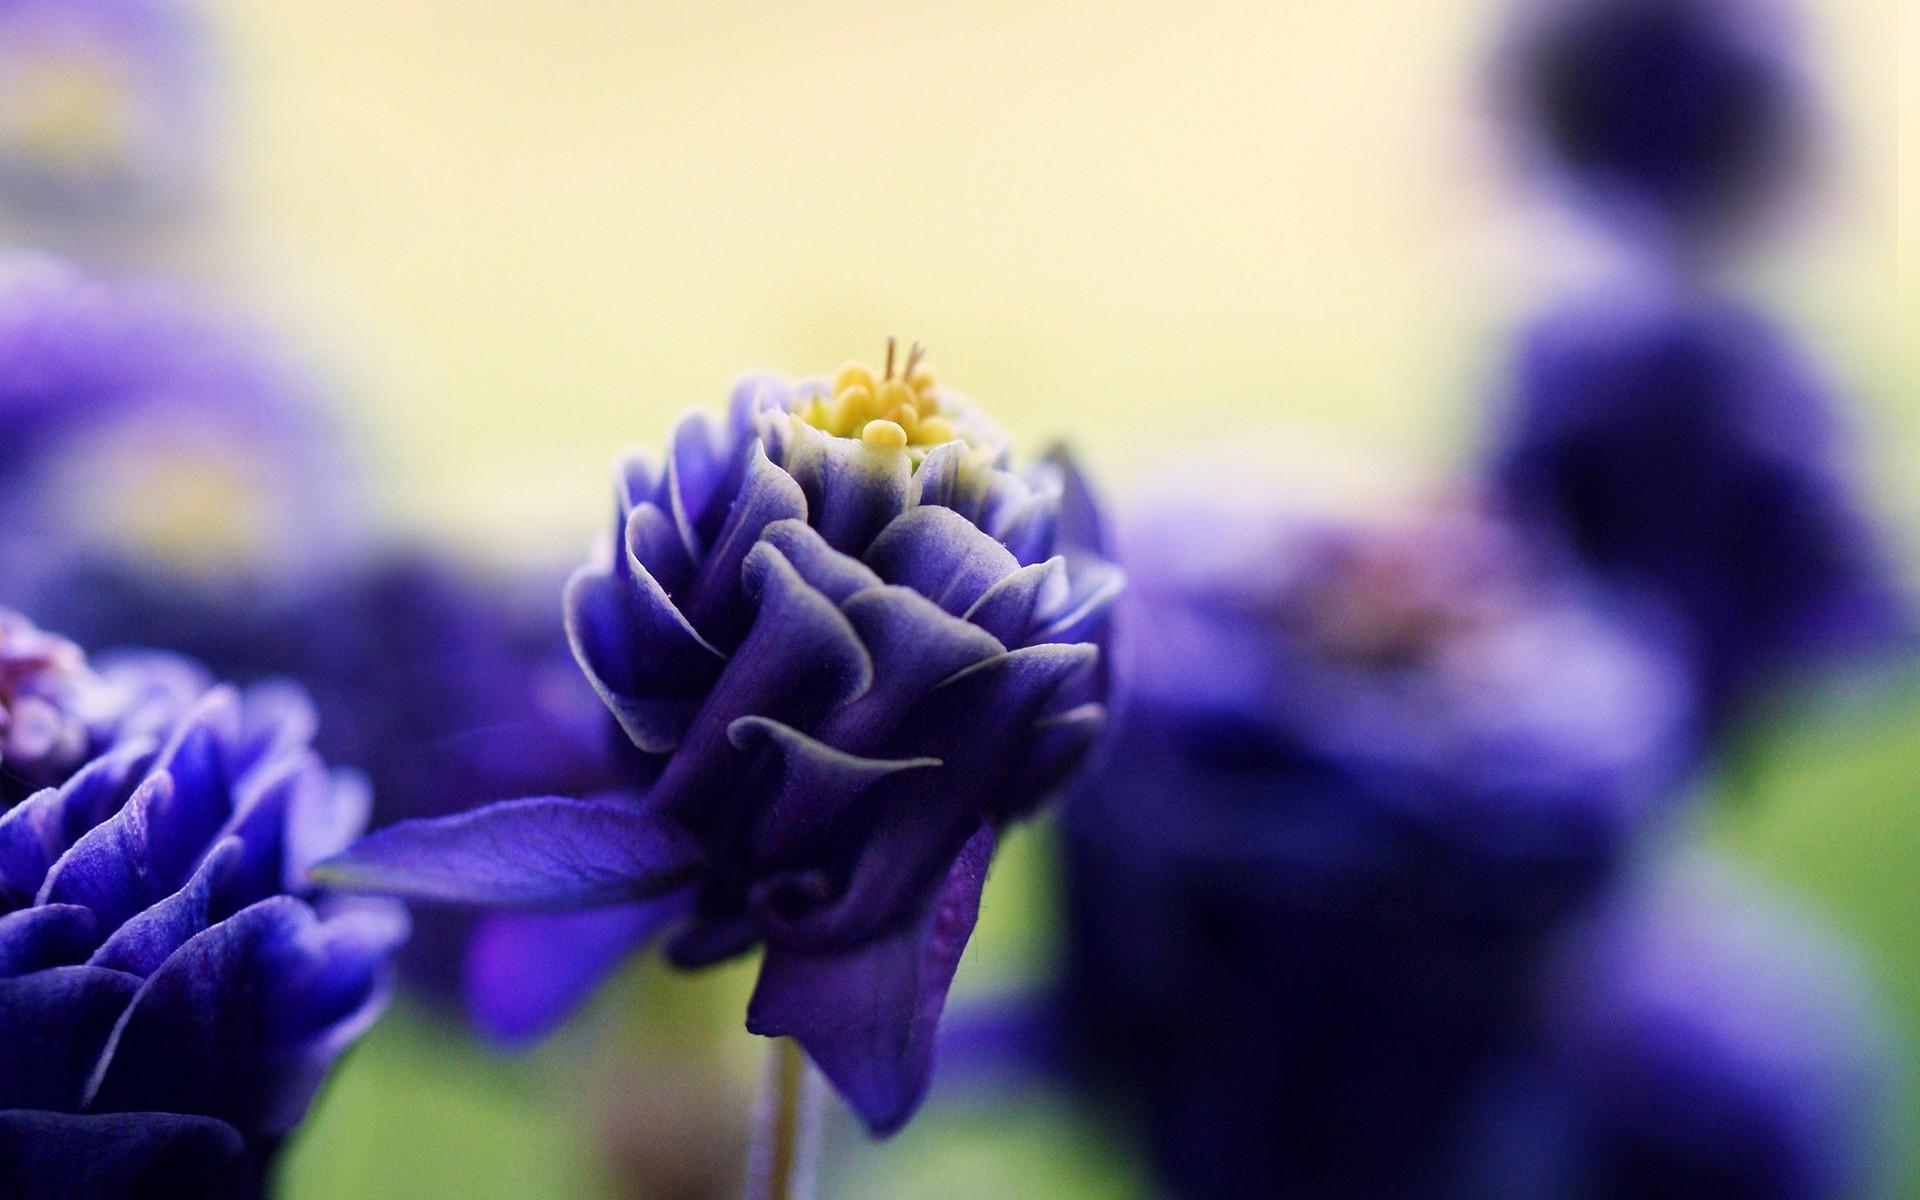 картинки с цветами фиолетово-синего решением проблемы